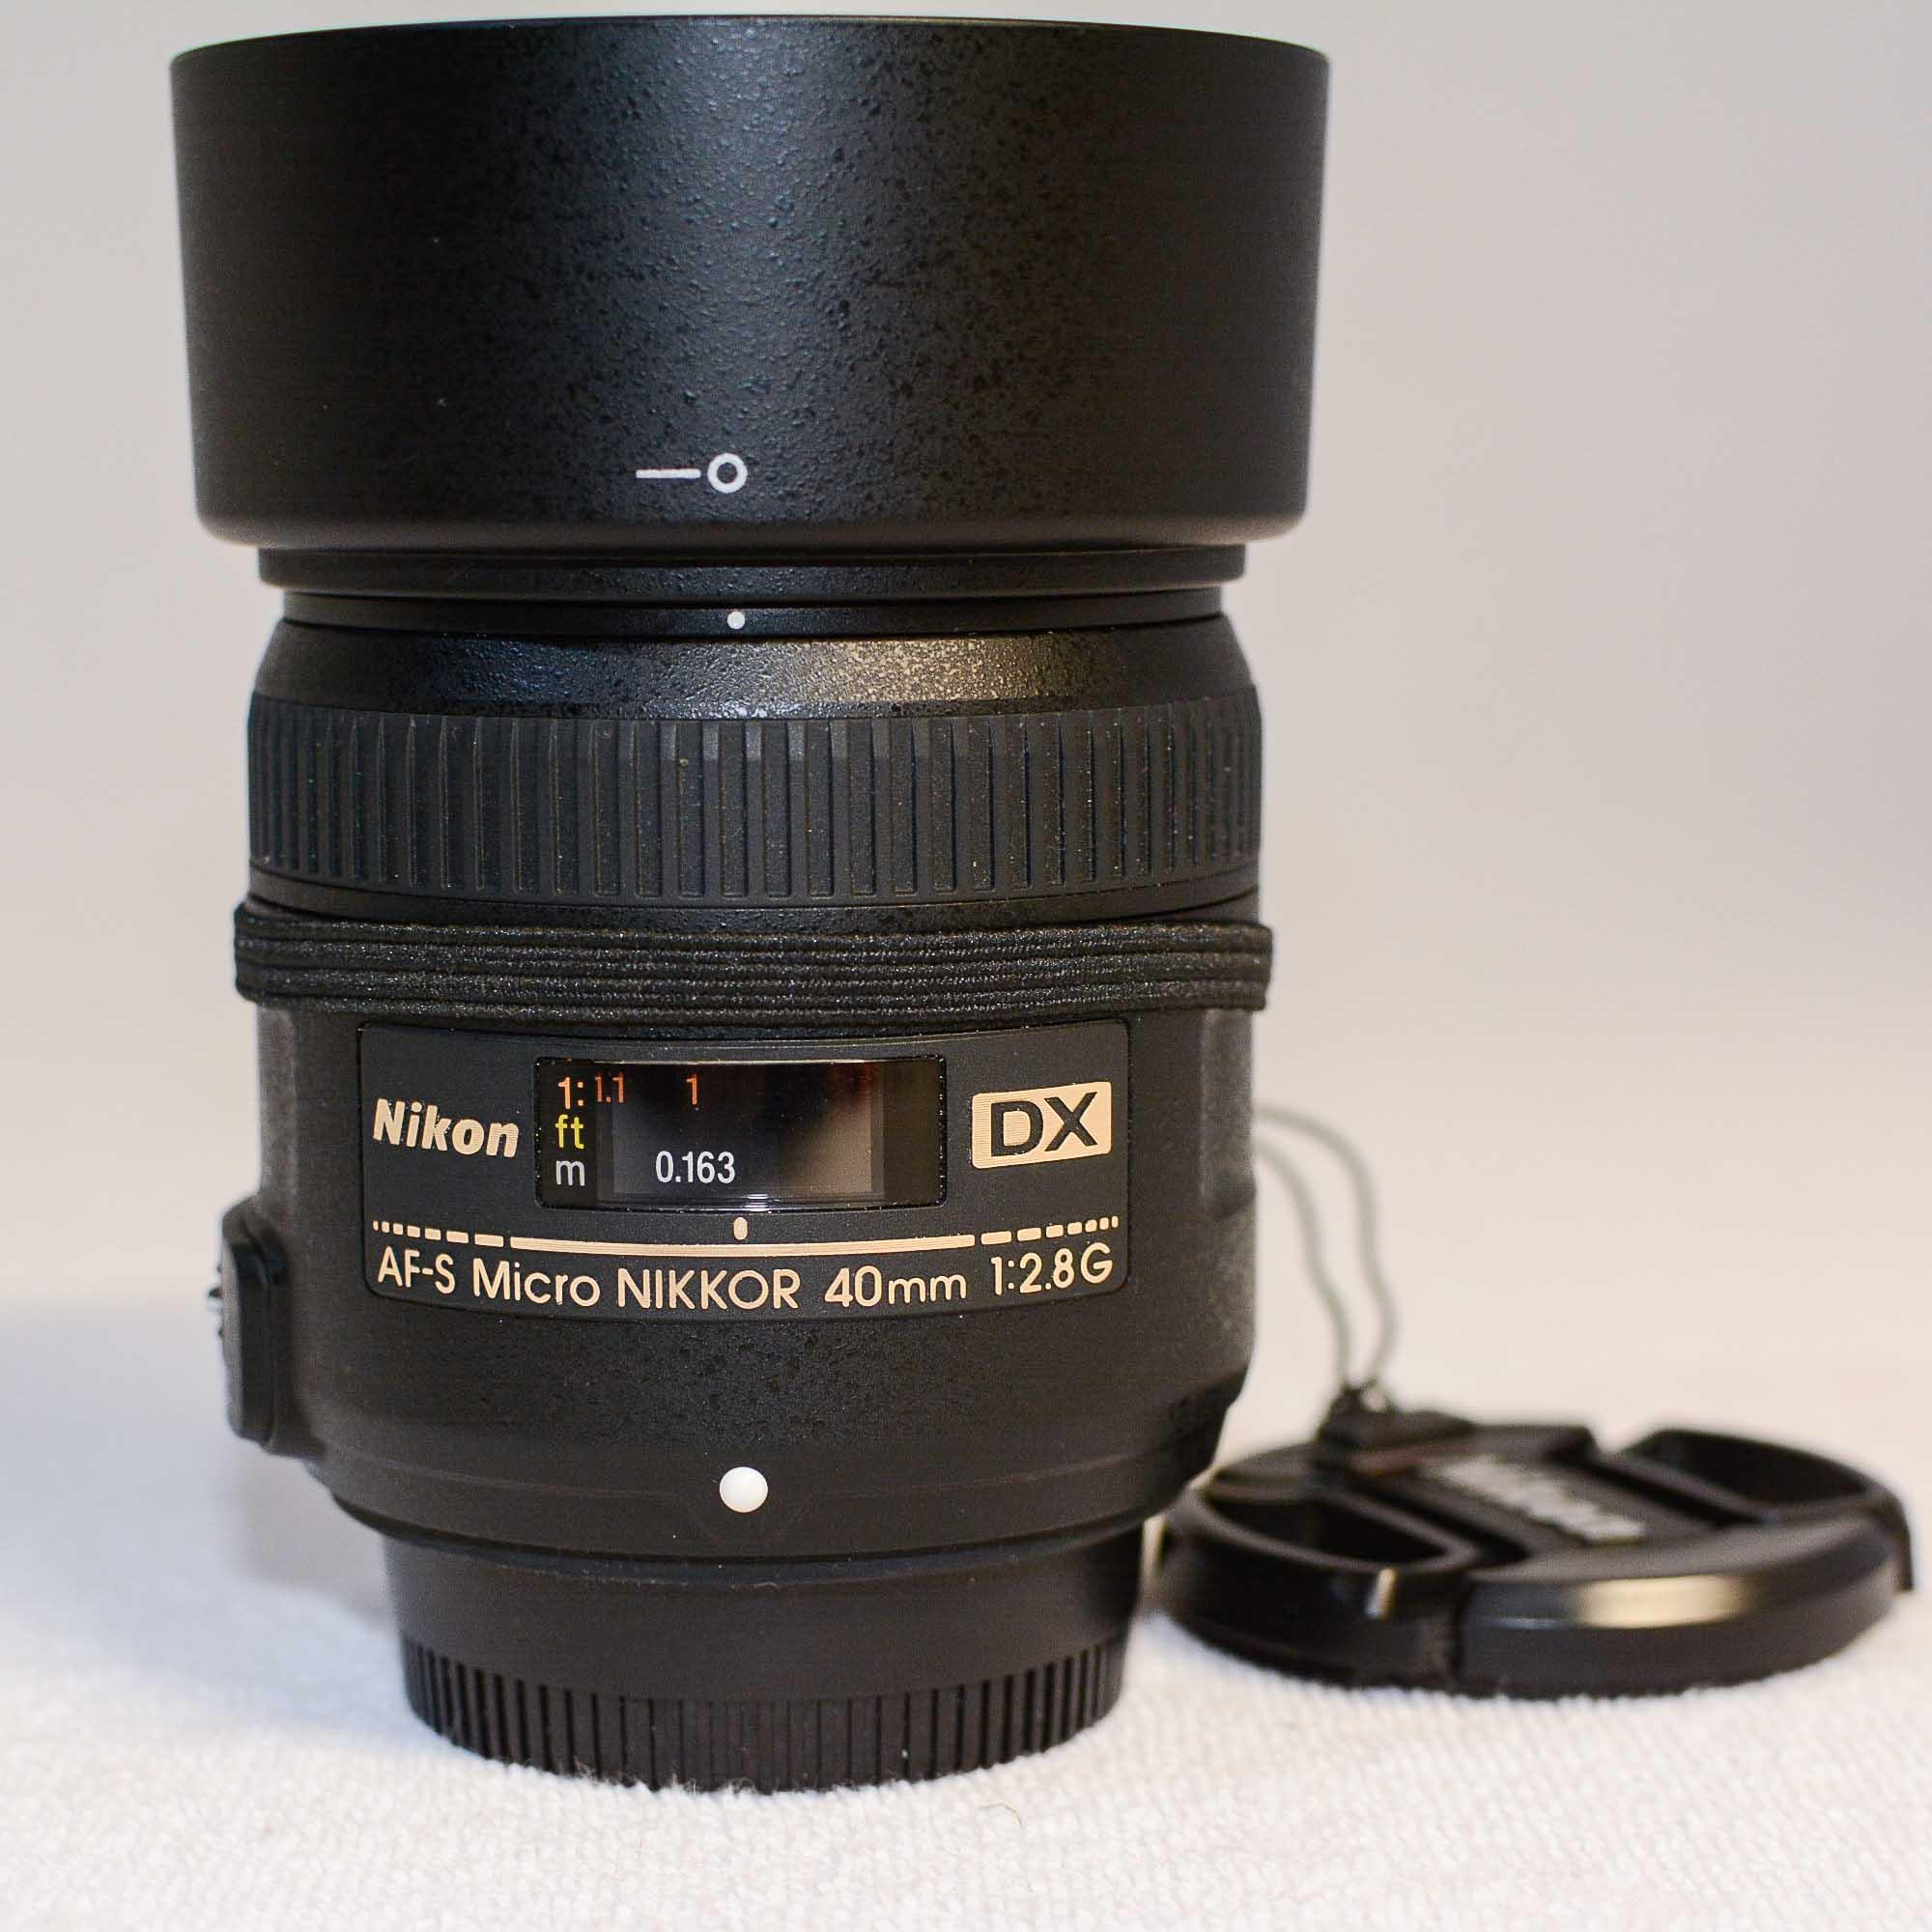 nikon 40mm makro objektiv